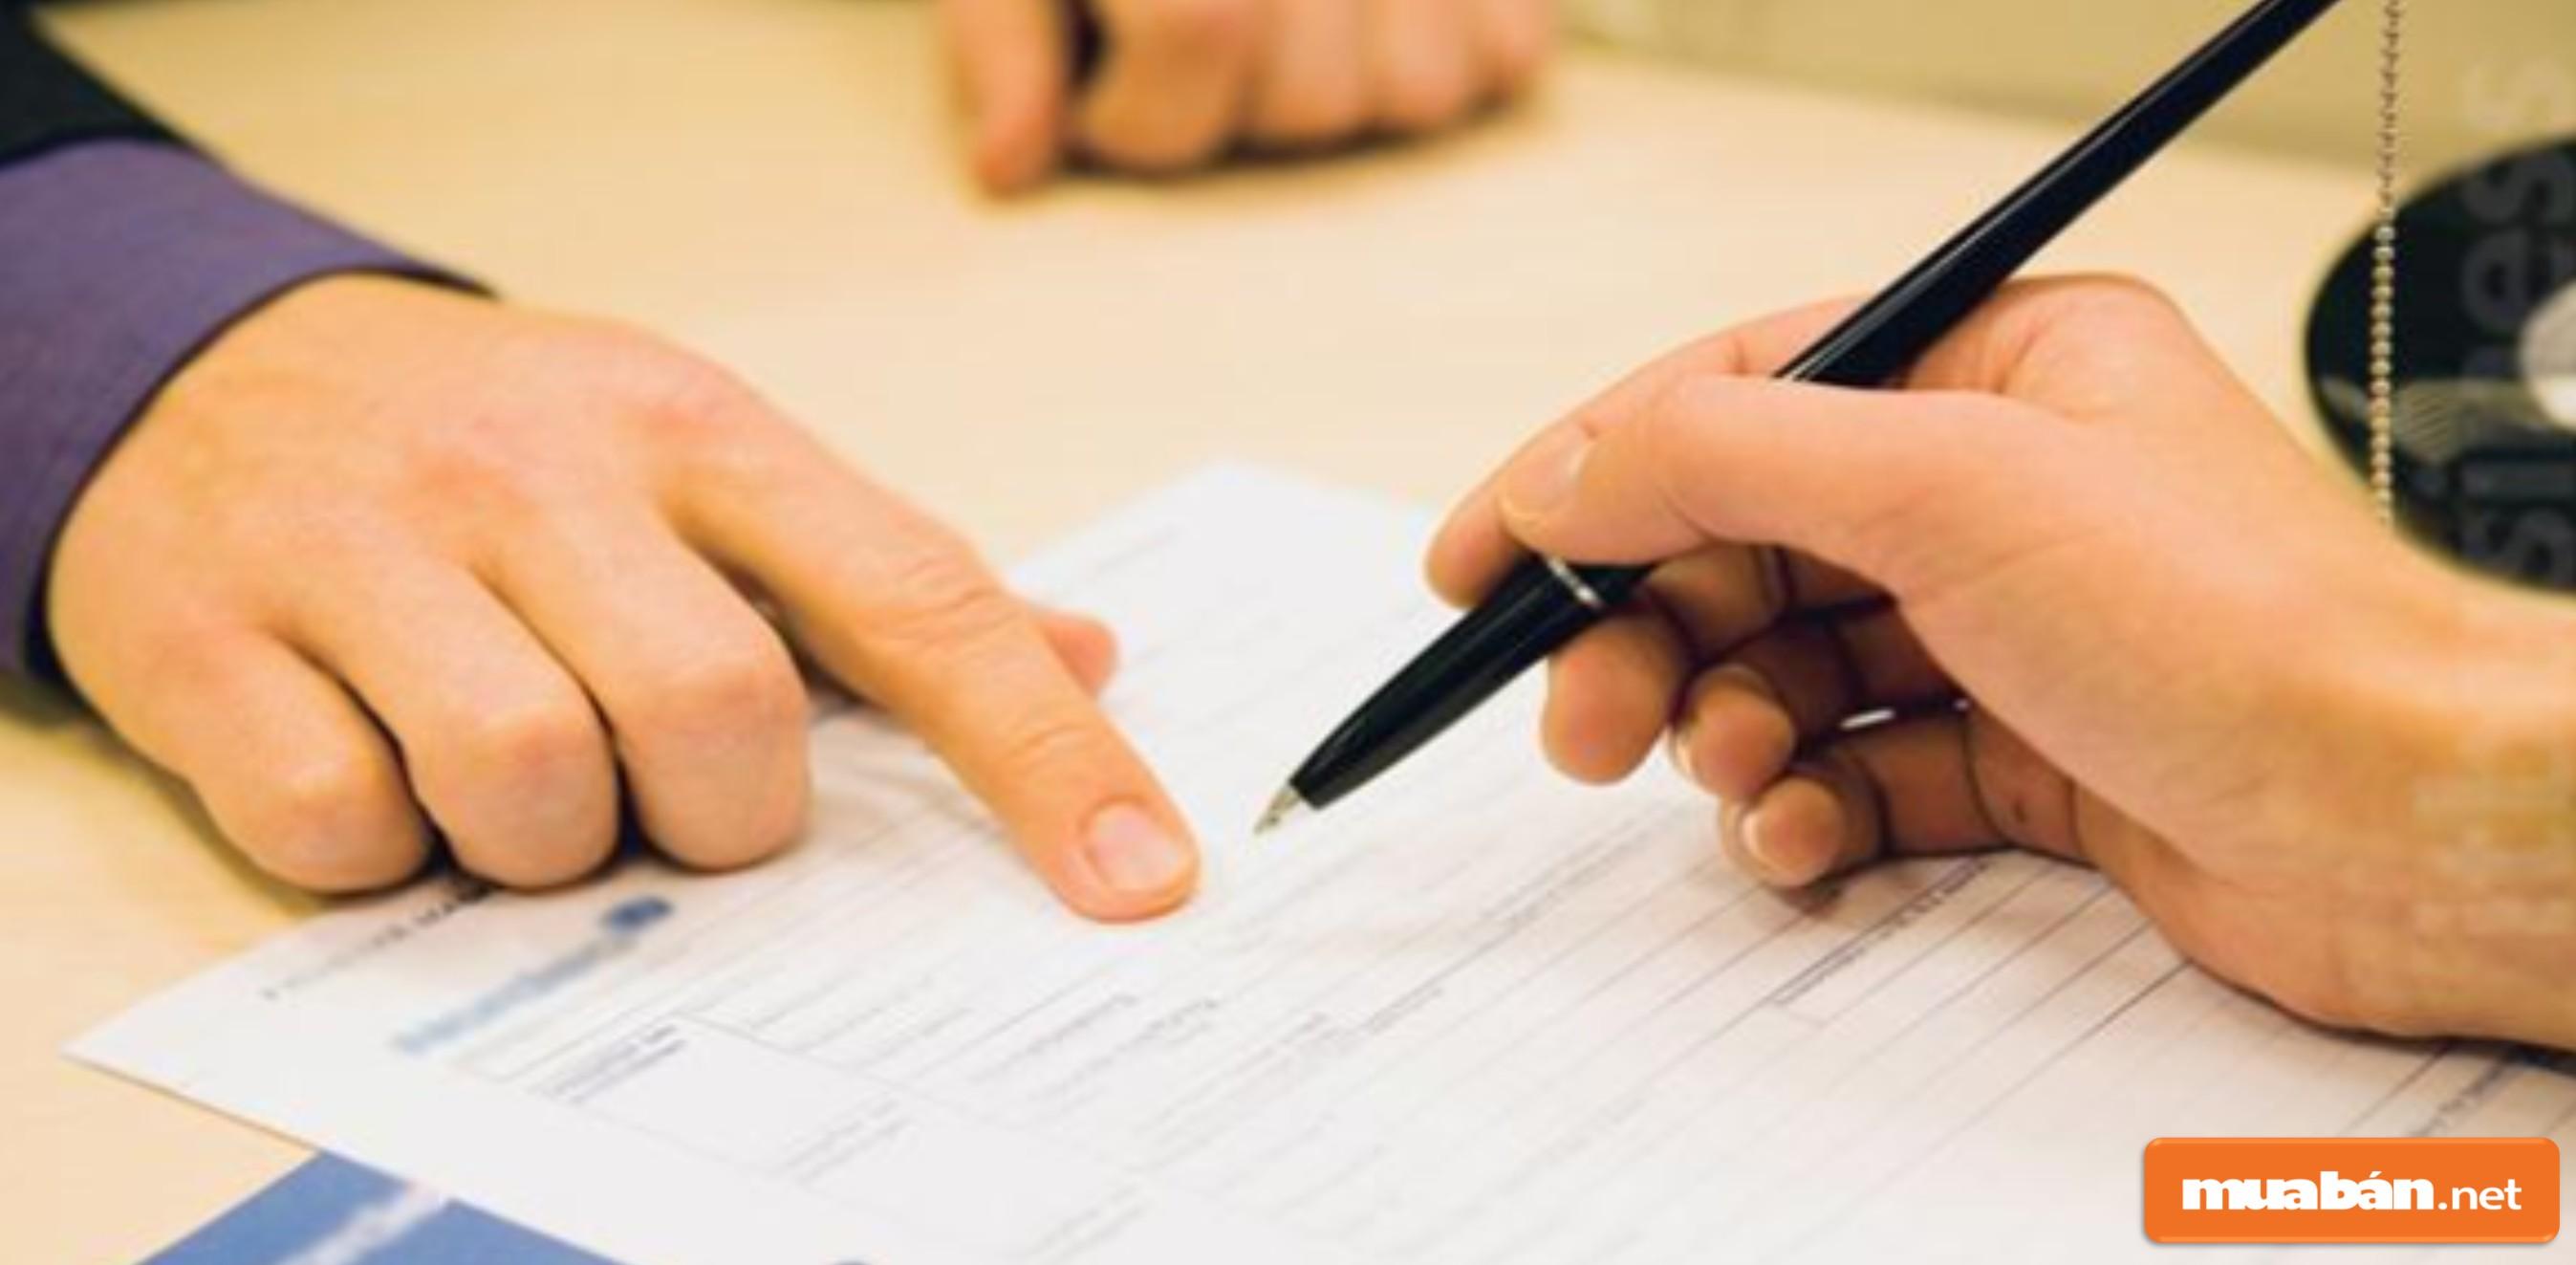 Bạn phải đọc và xem kỹ nội dung trước khi ký hợp đồng thuê nhà